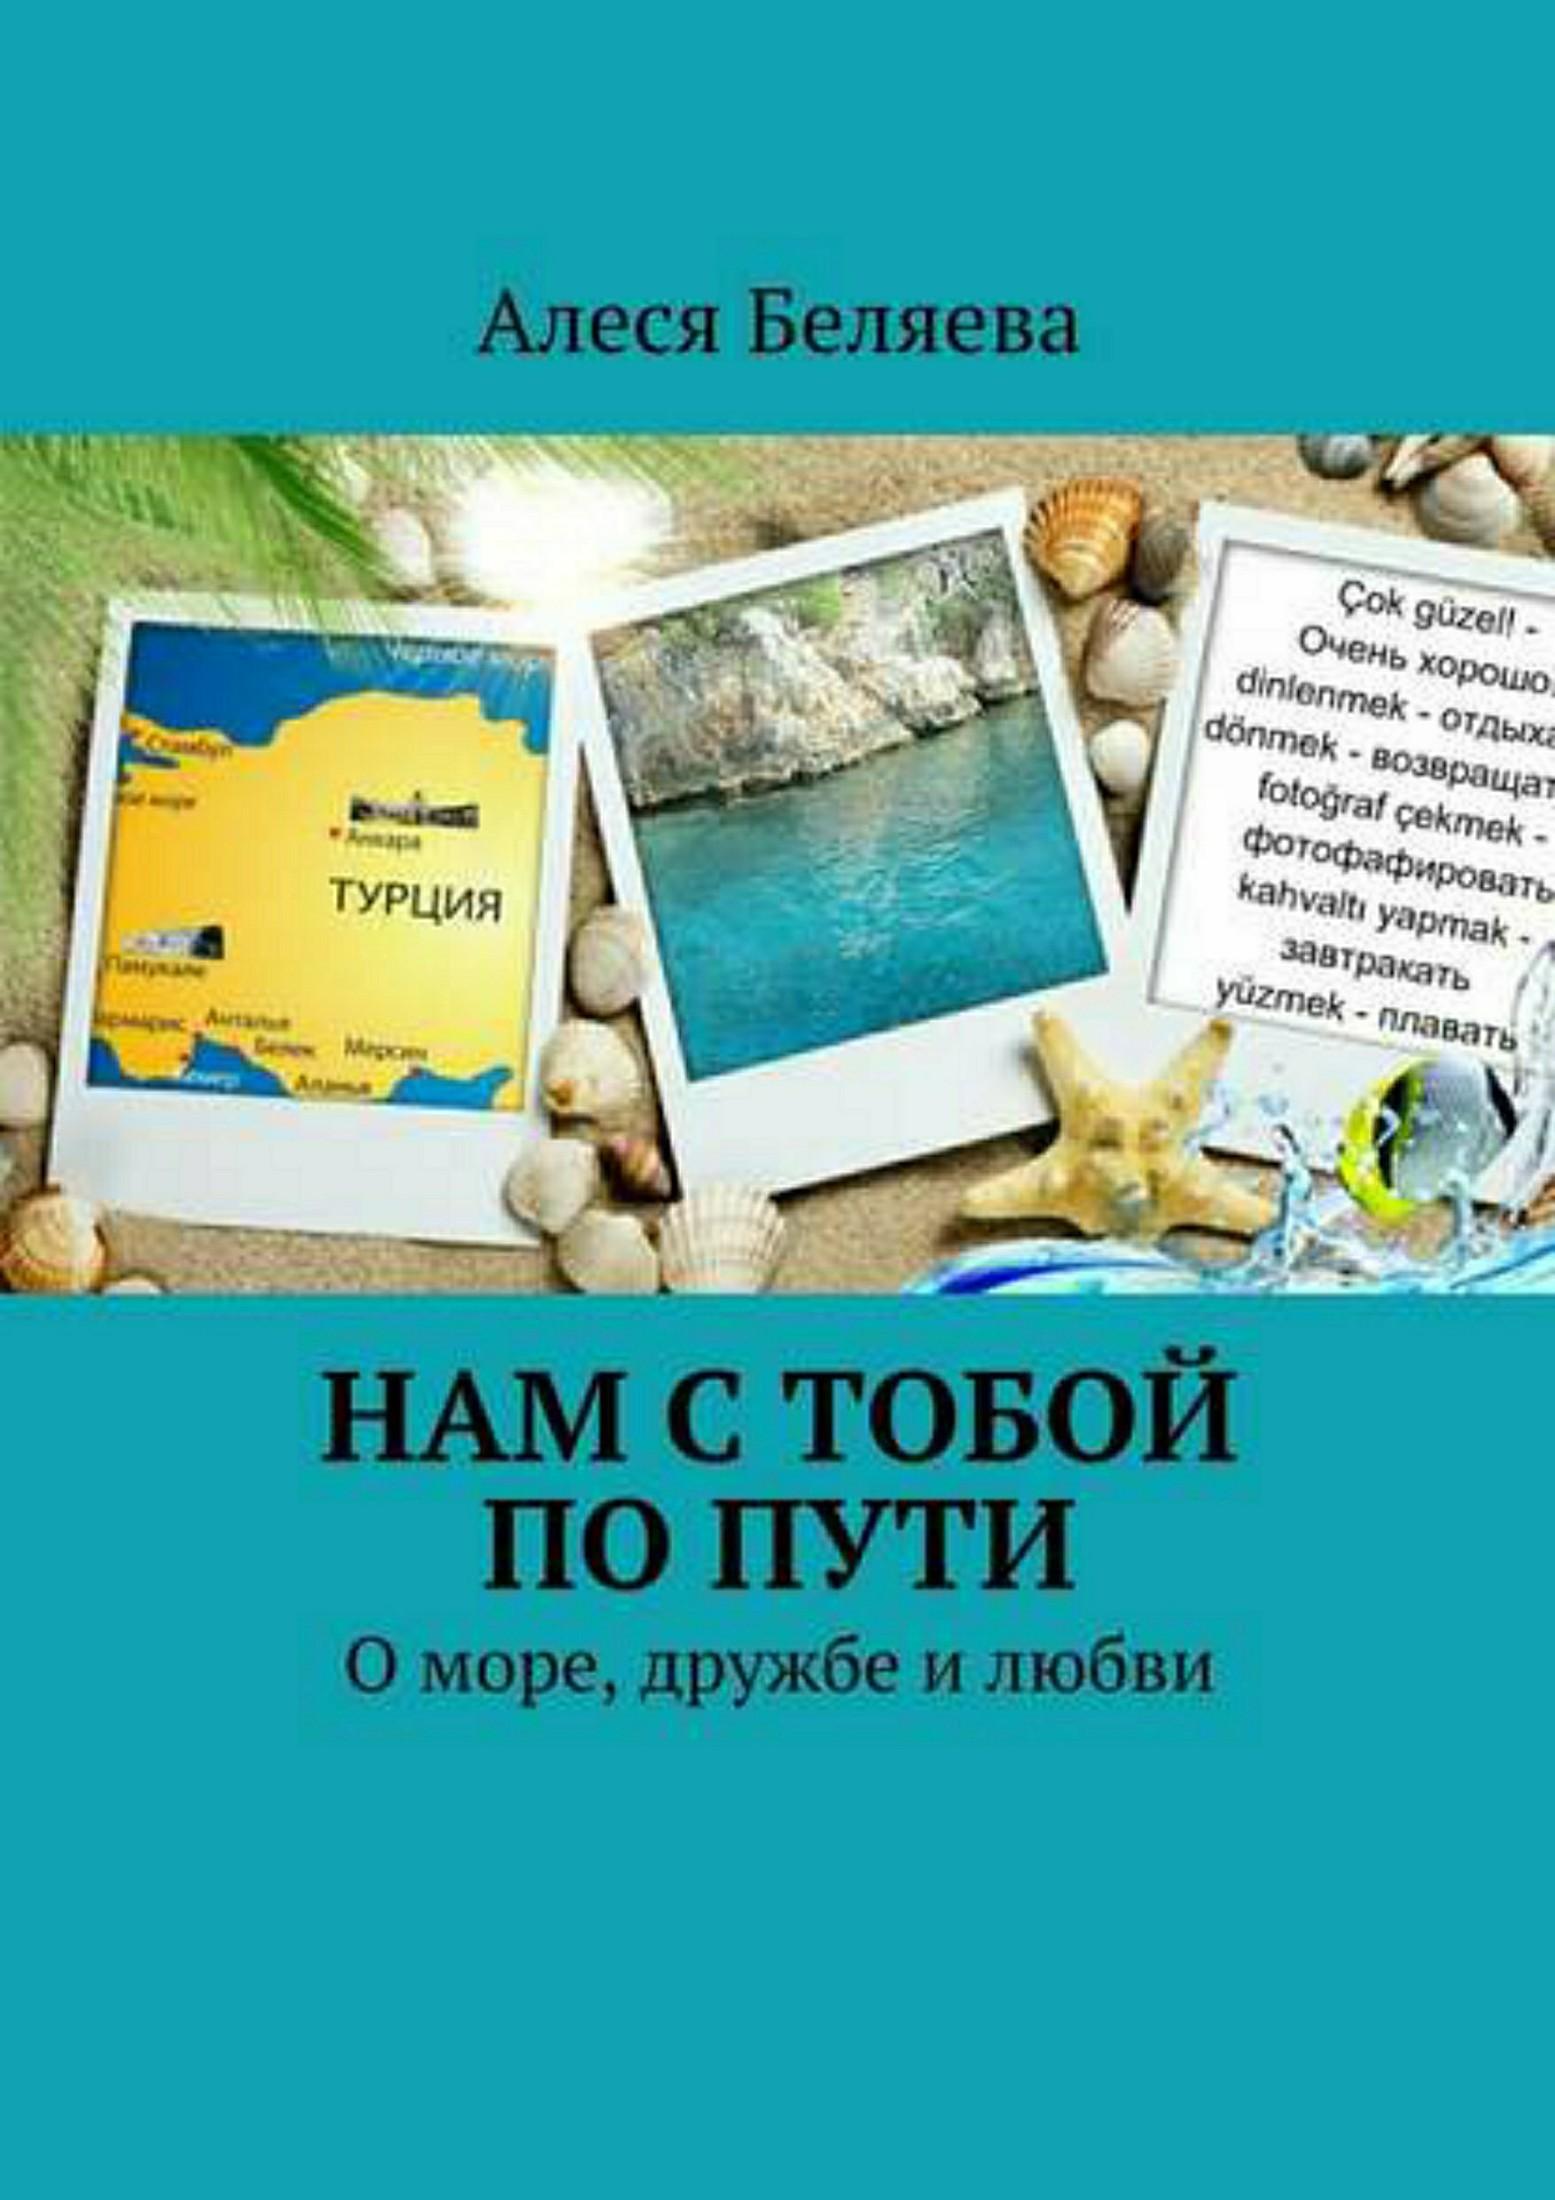 Алеся Беляева - Нам с тобой по пути